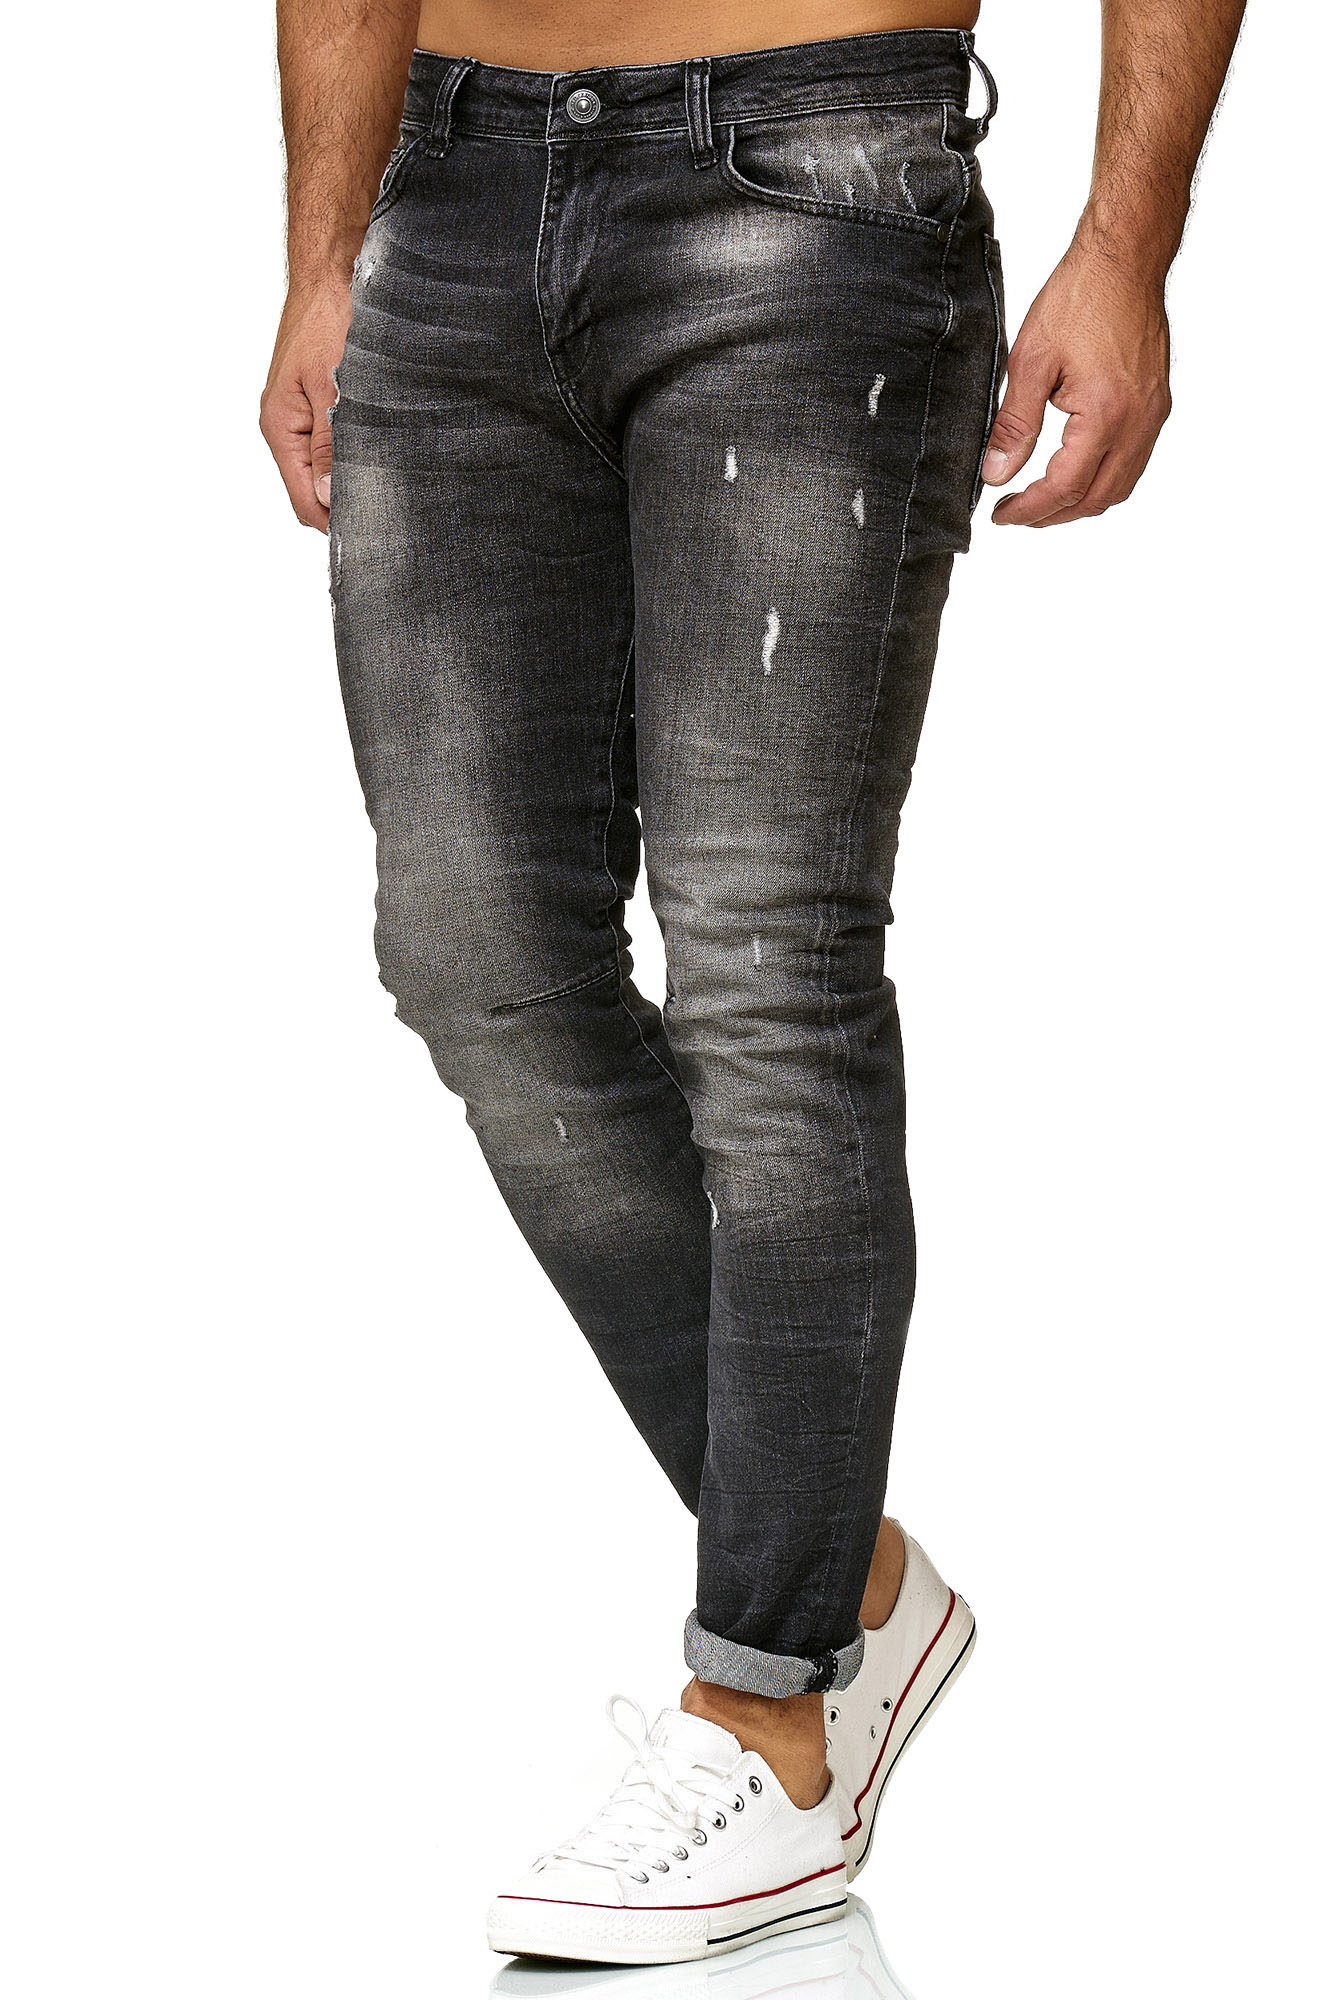 redbridge -  Bequeme Jeans Nagoya, in detaillierter Destroyed-Optik